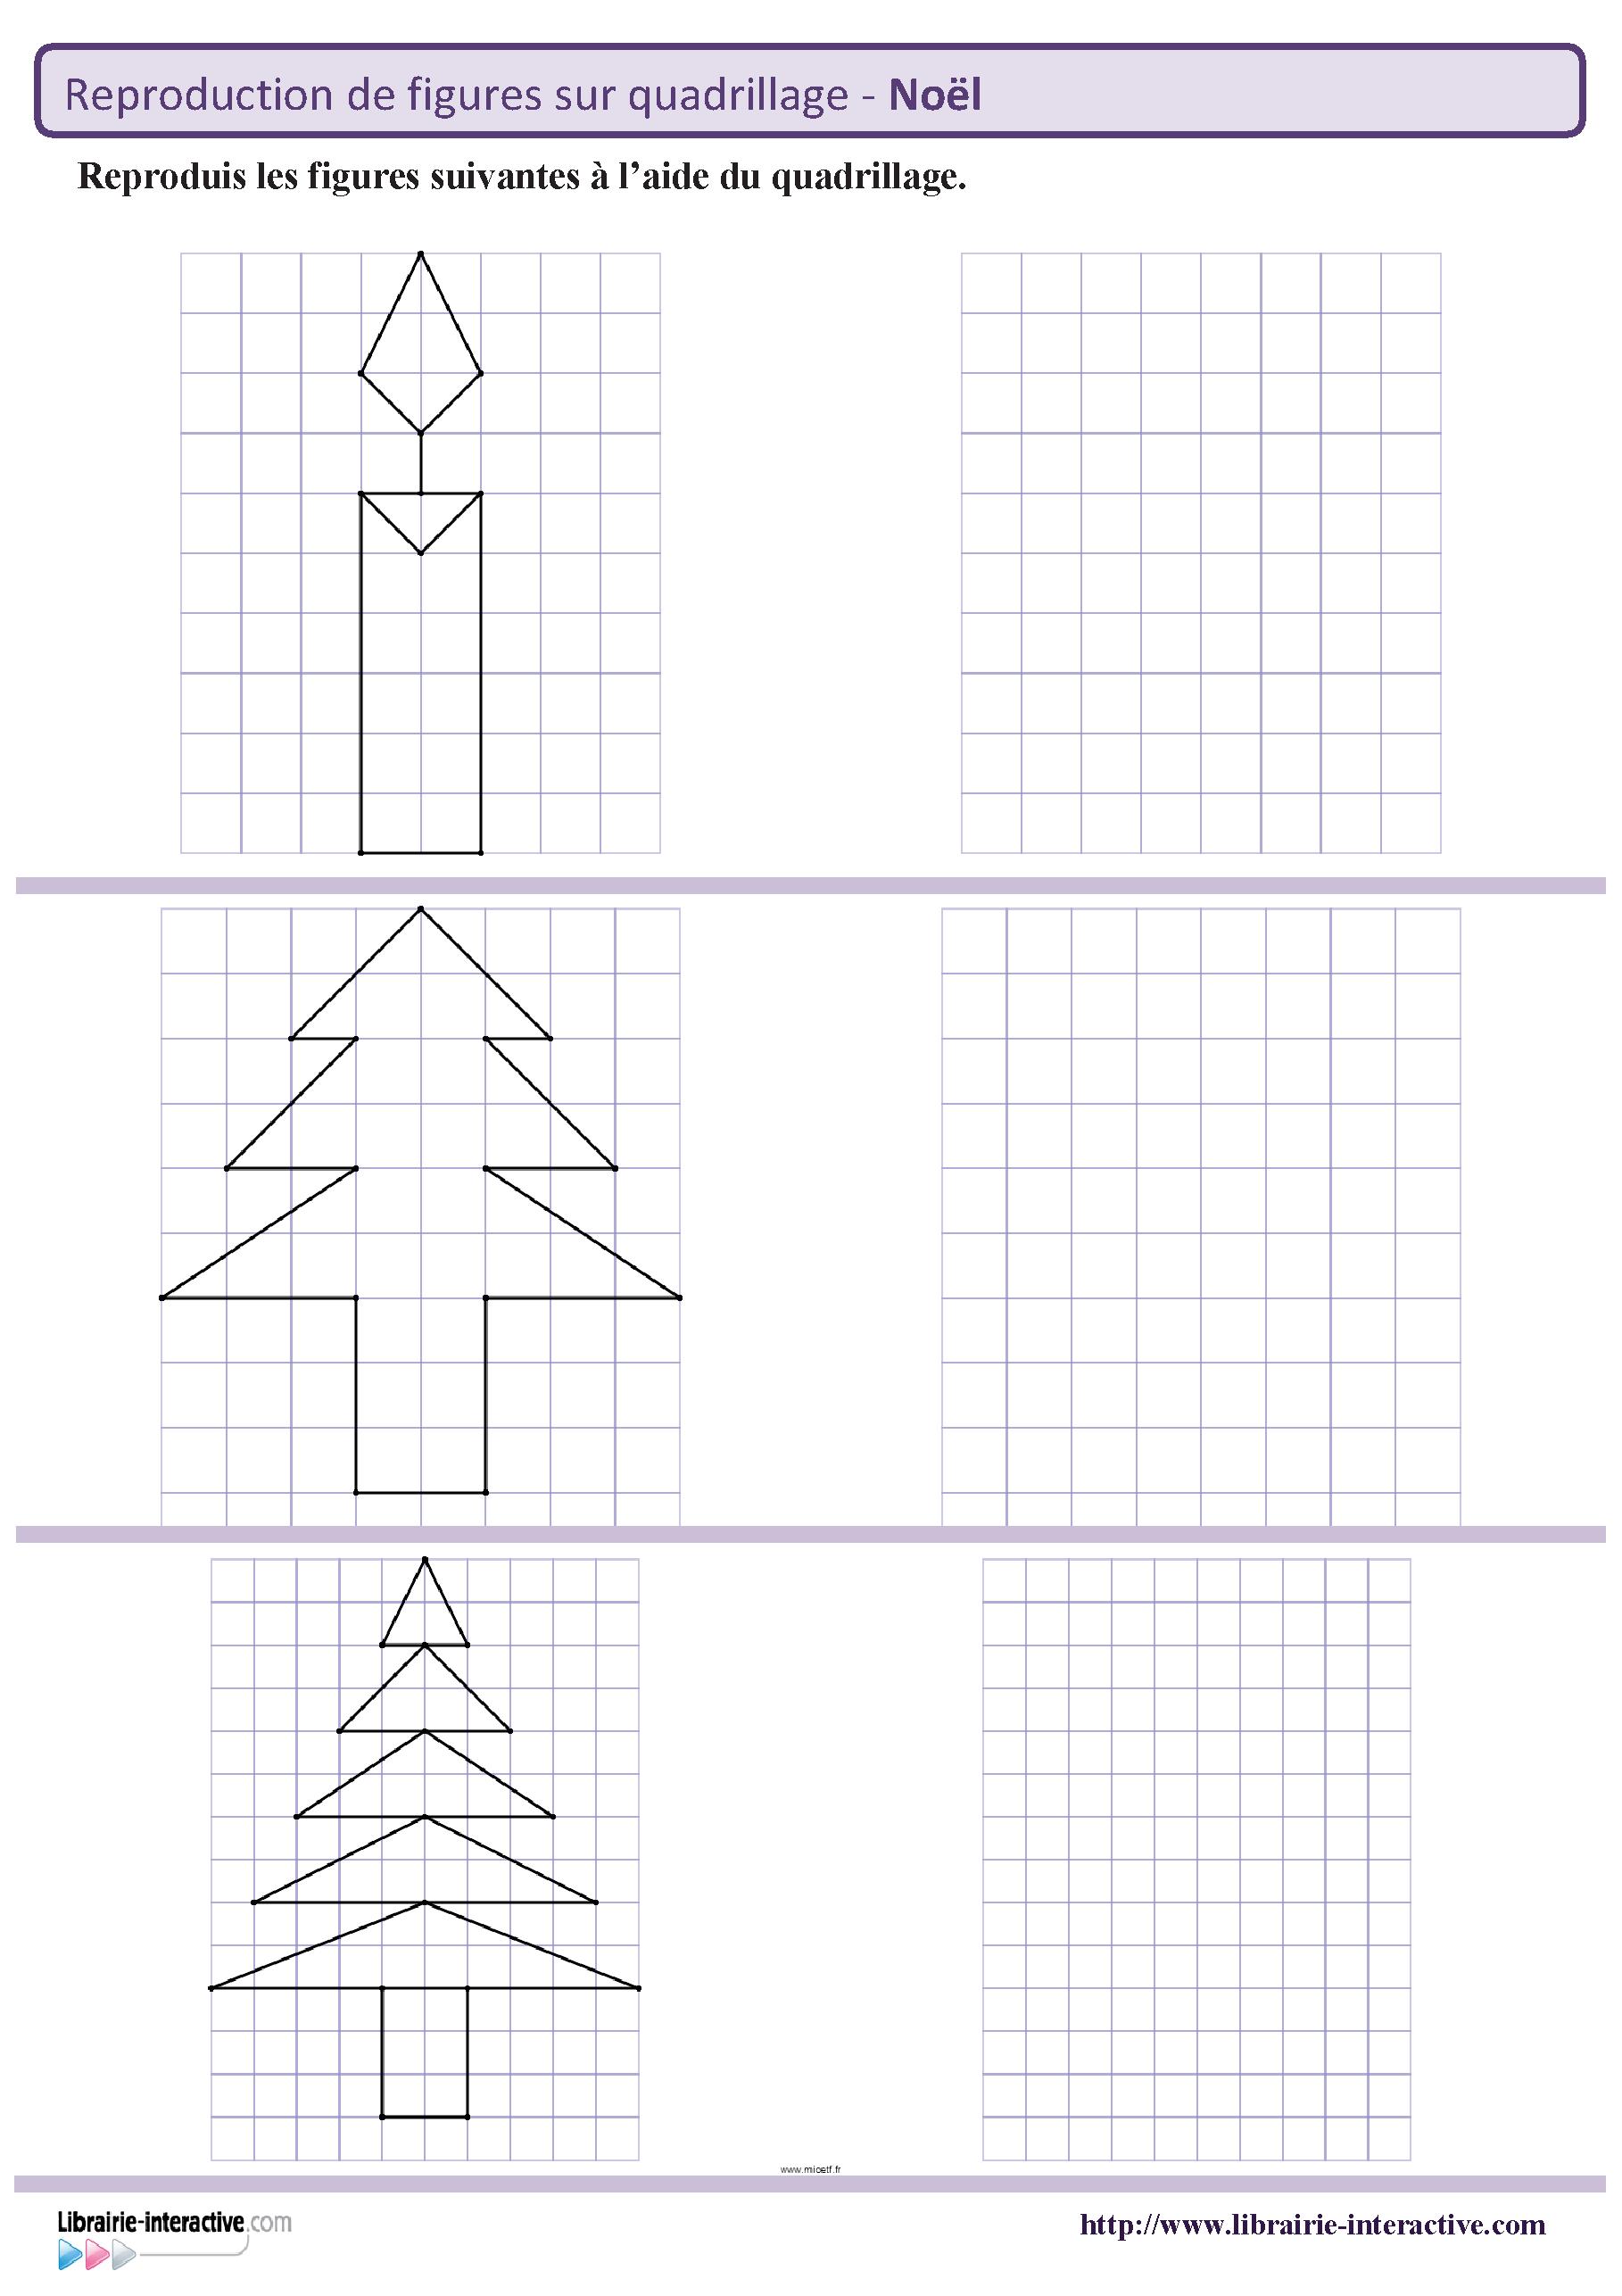 Des Figures Géométriques Sur Le Thème De Noël À Reproduire intérieur Figures Géométriques Ce1